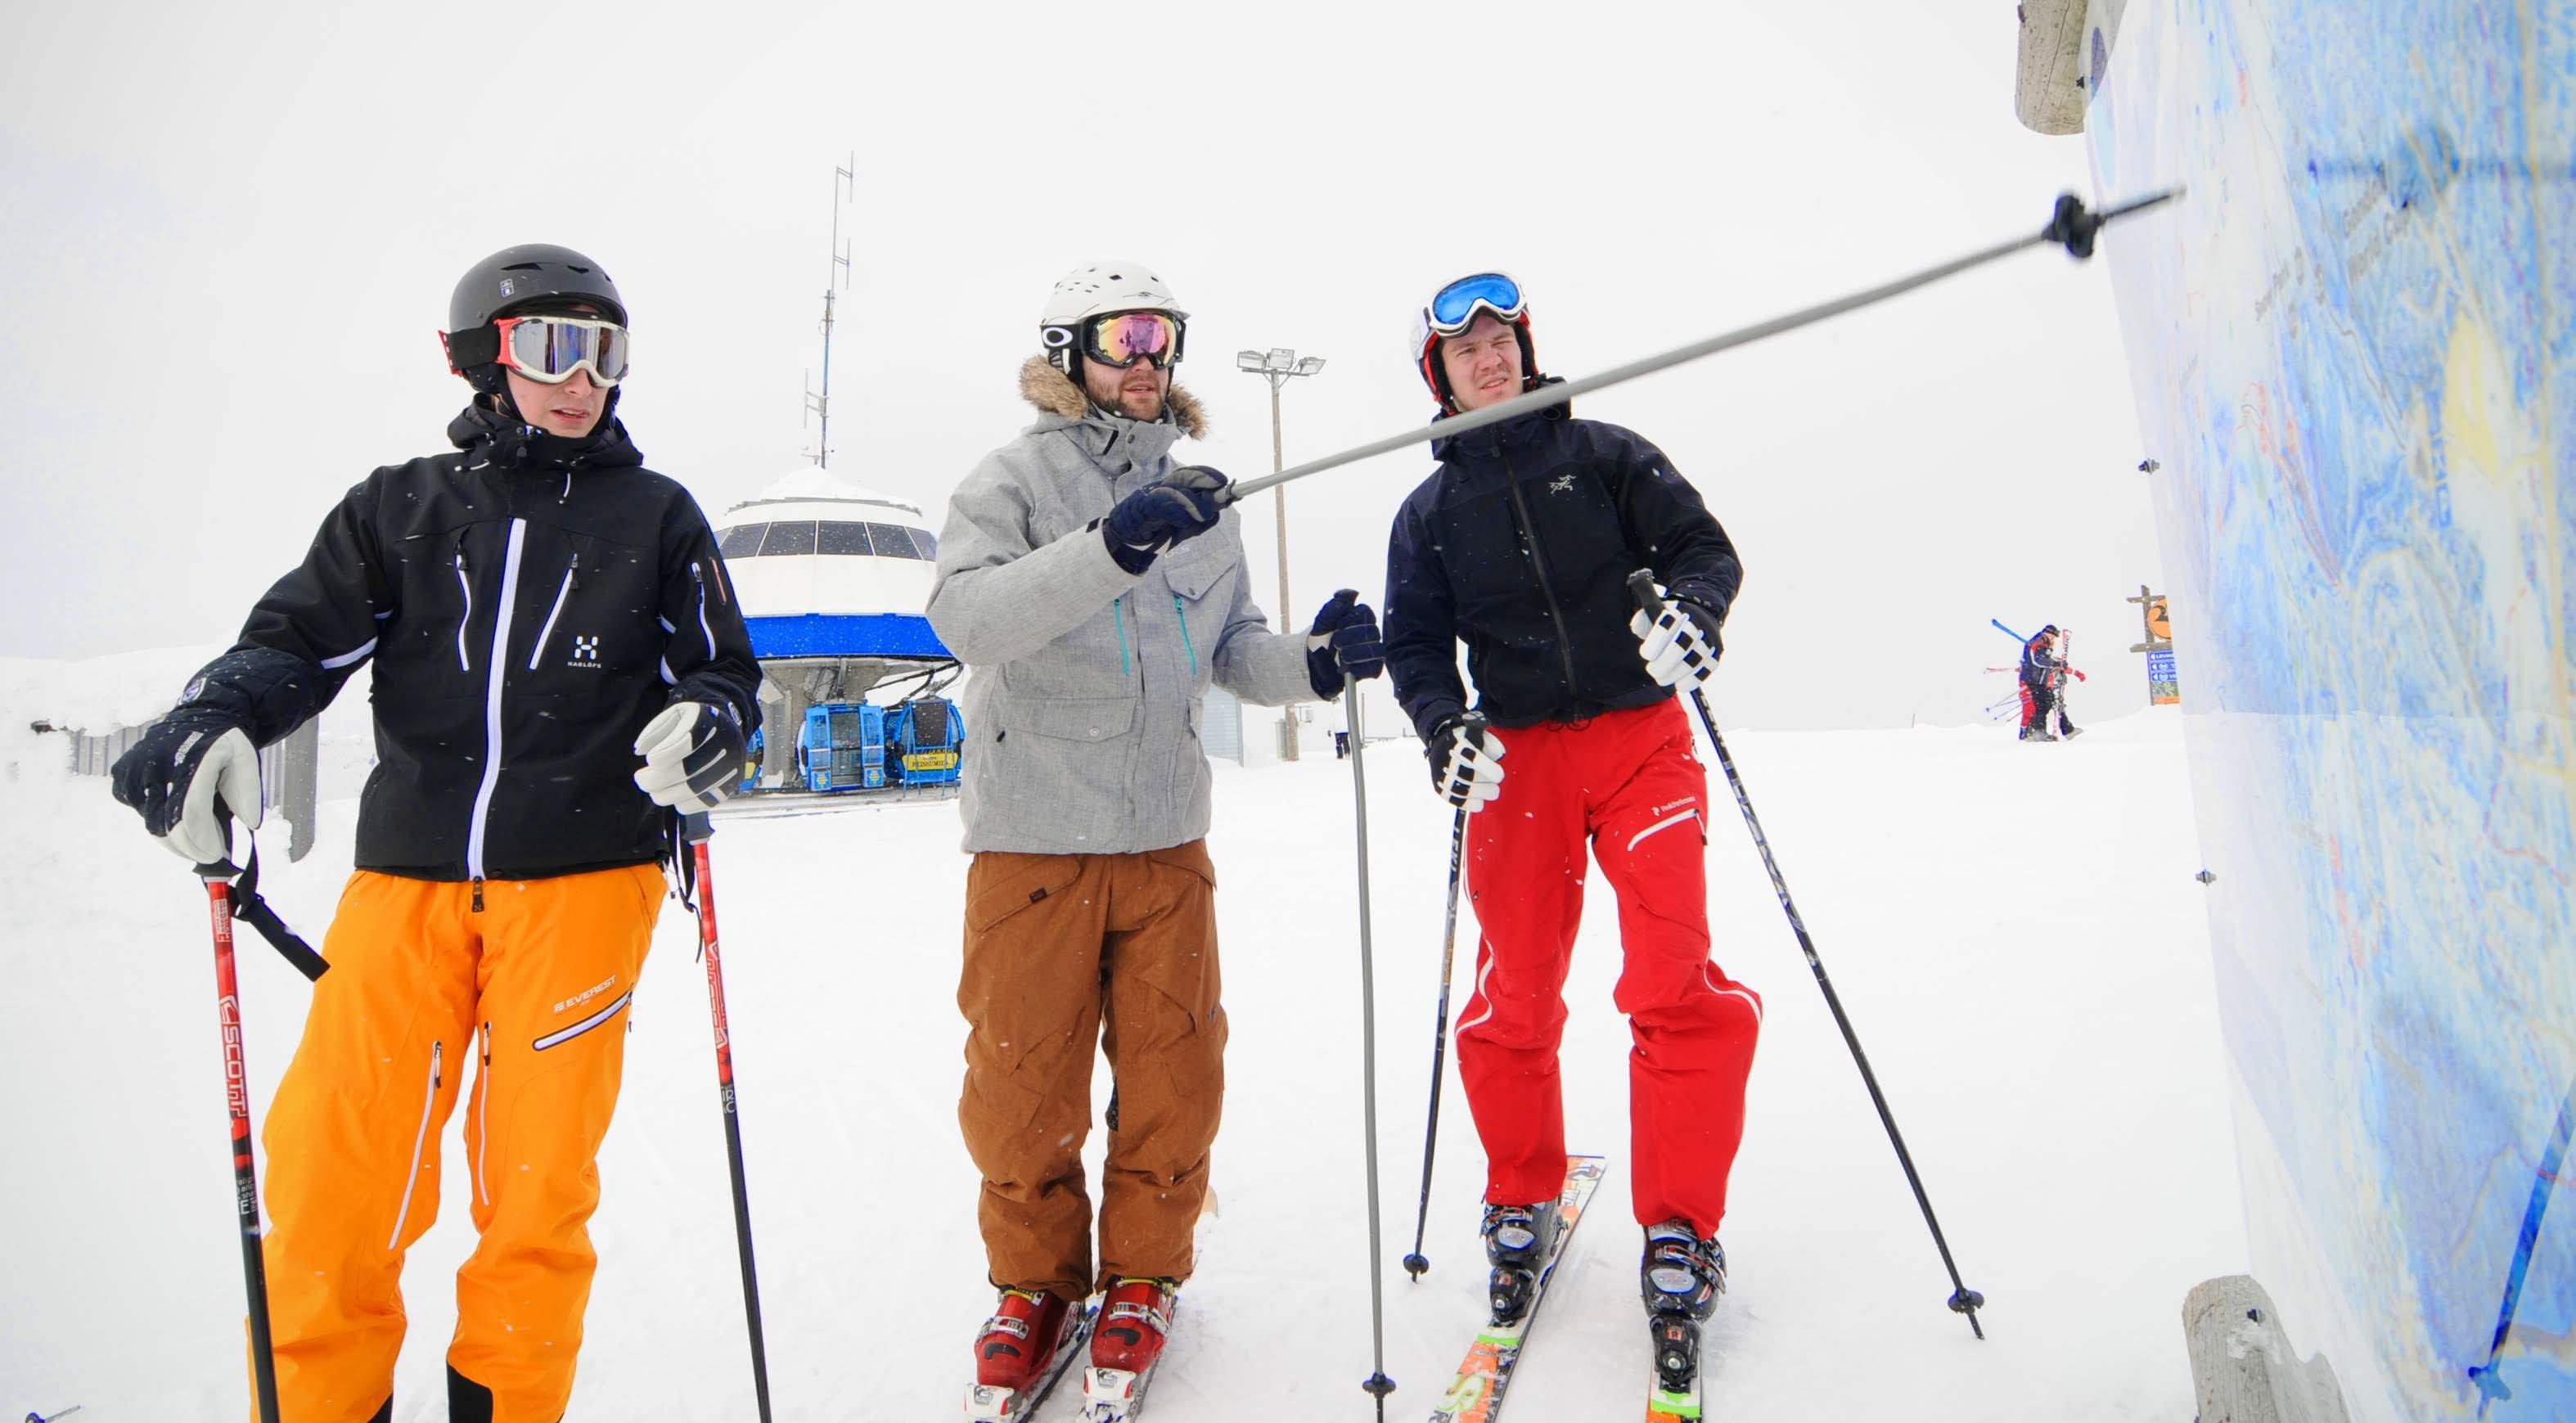 Levi_ski_resort_groups